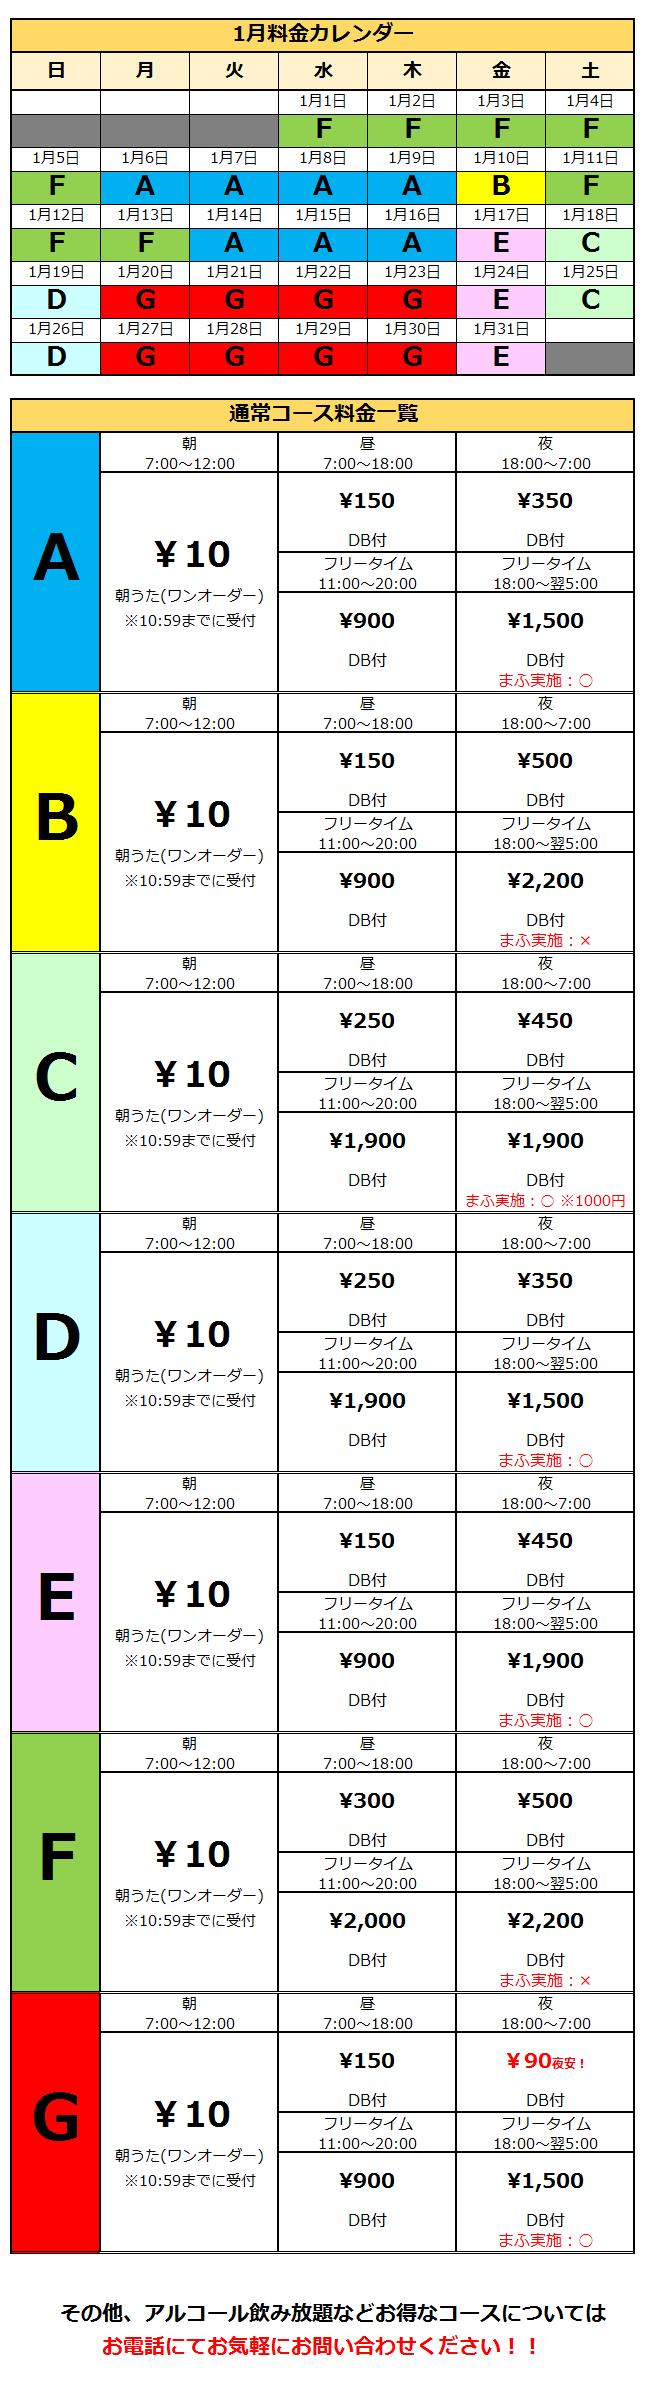 https://www.karaokemanekineko.jp/shop/3cc08c0d05d9bca3d4846d27a020df83ca34124e.png